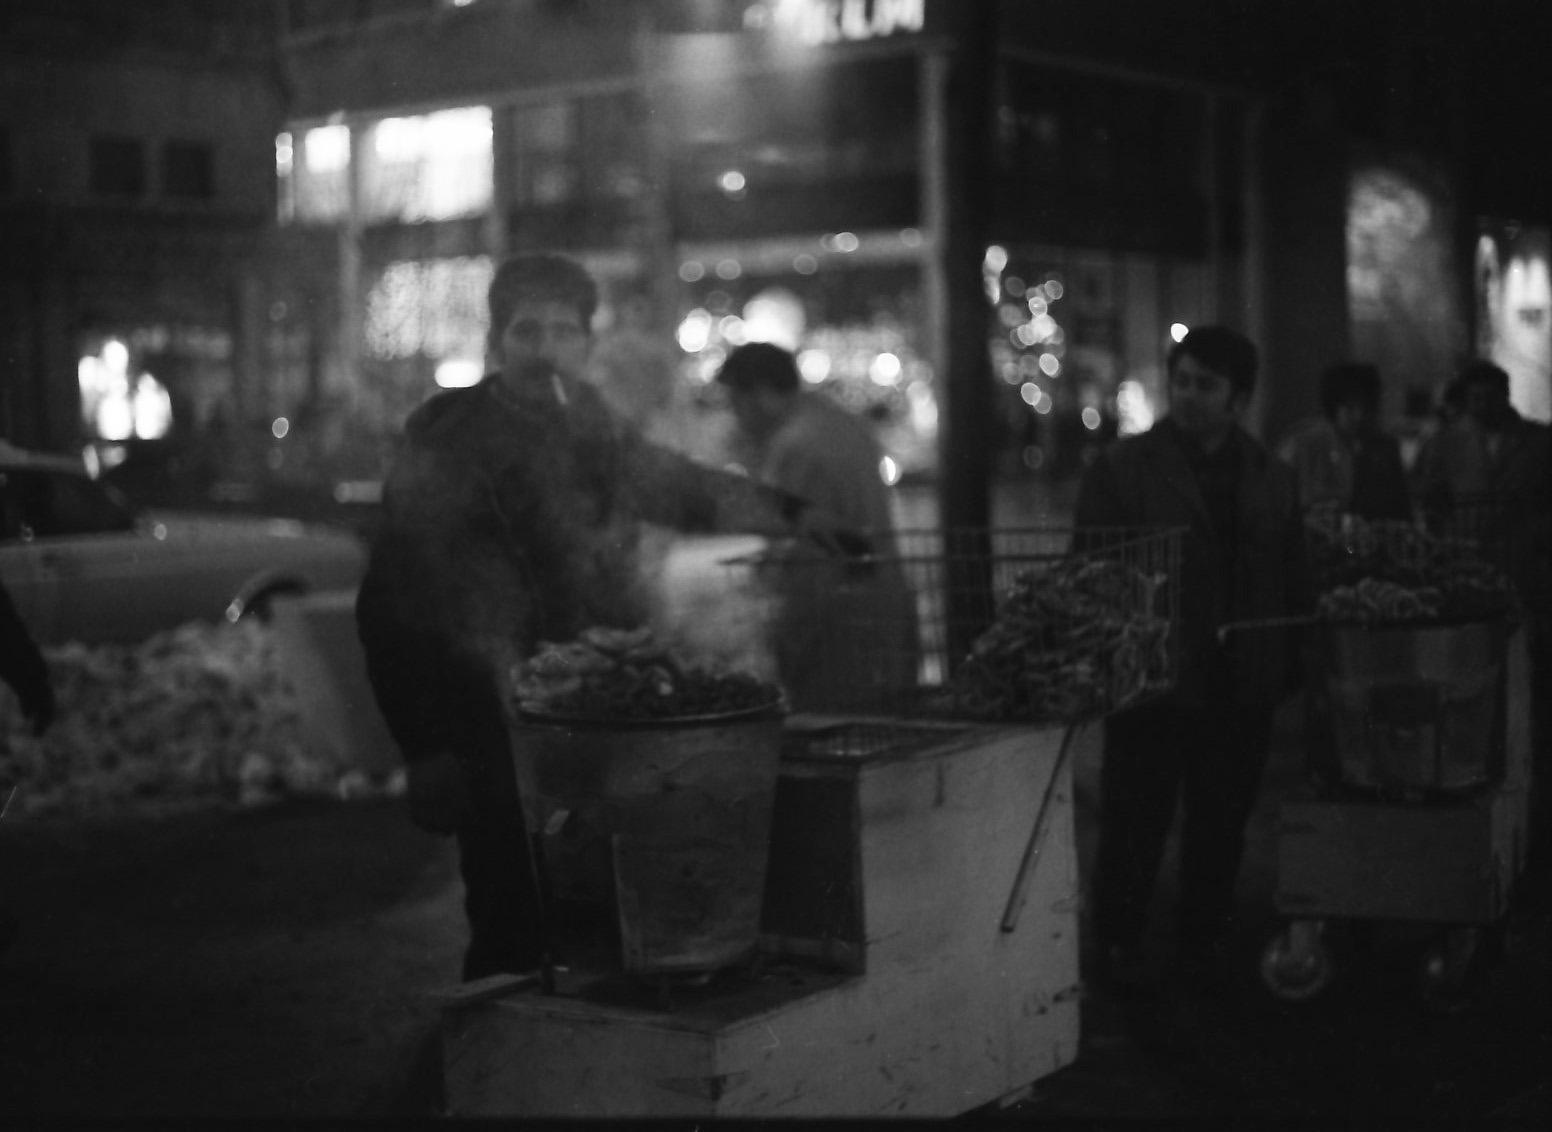 NYC10 Mid-town pretzel venders